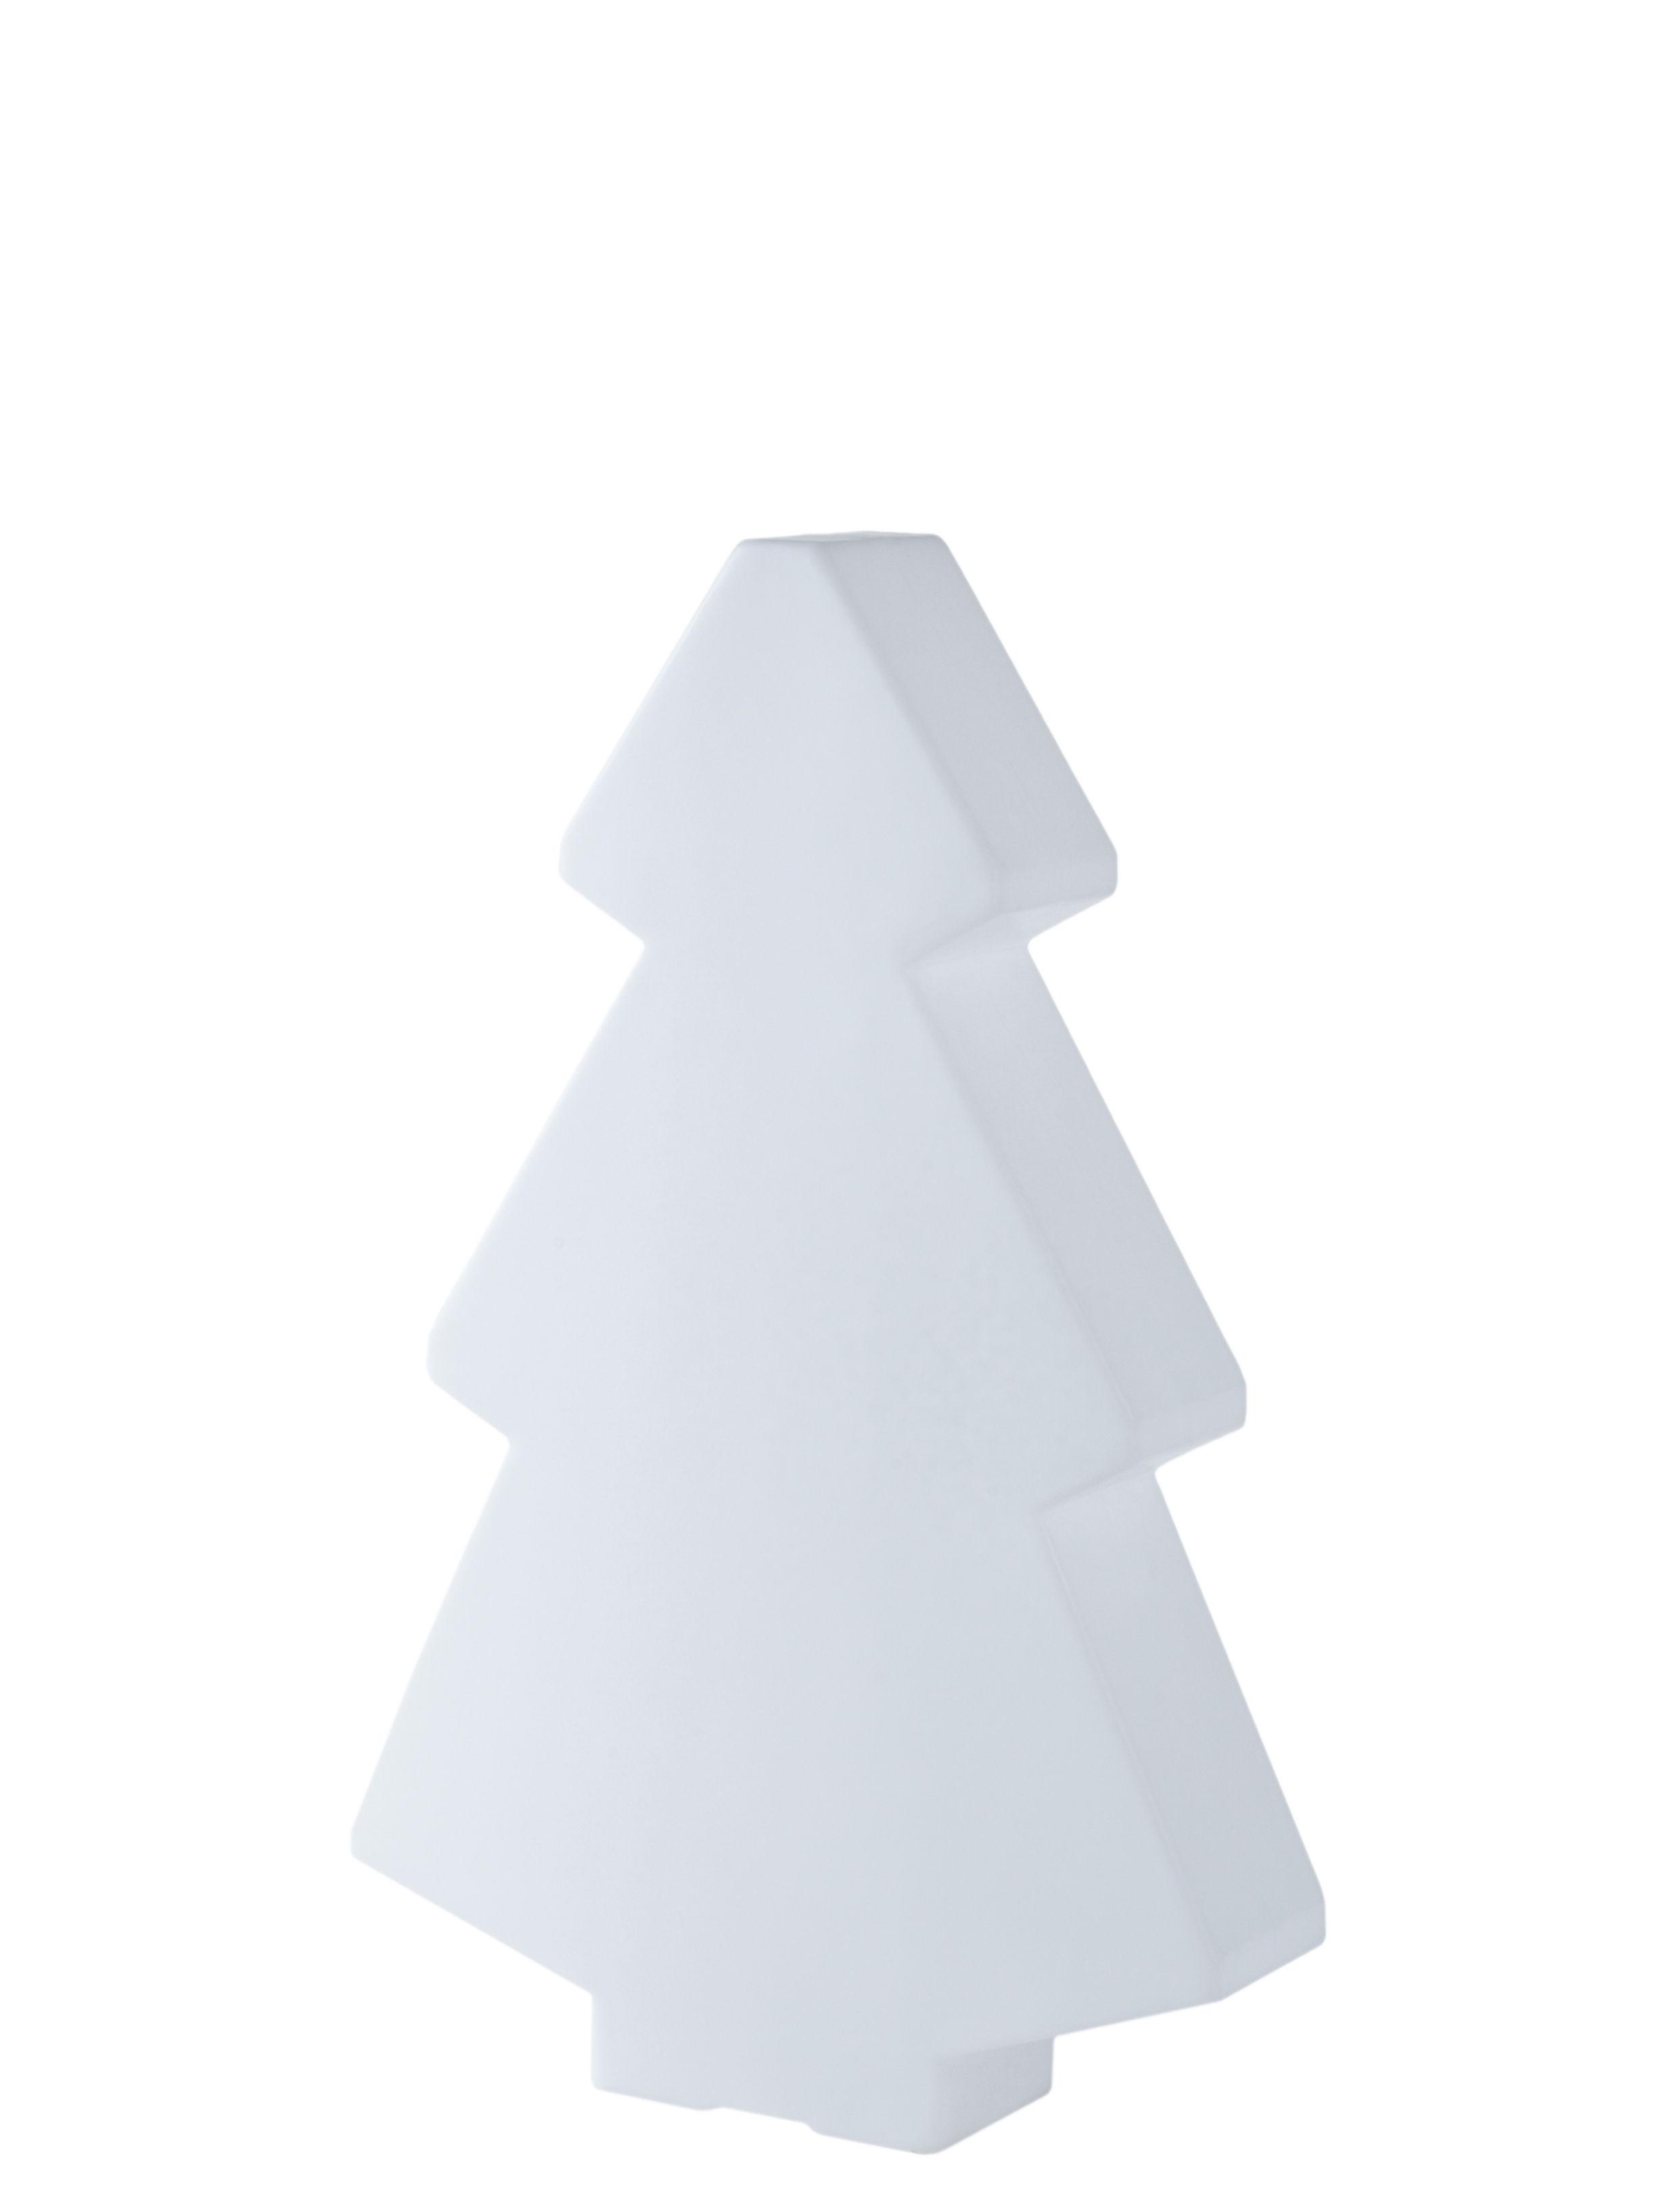 Luminaire - Lampes de table - Lampe de table Lightree Indoor / H 45 cm - Pour l'intérieur - Slide - Blanc - Polyéthylène recyclable rotomoulé